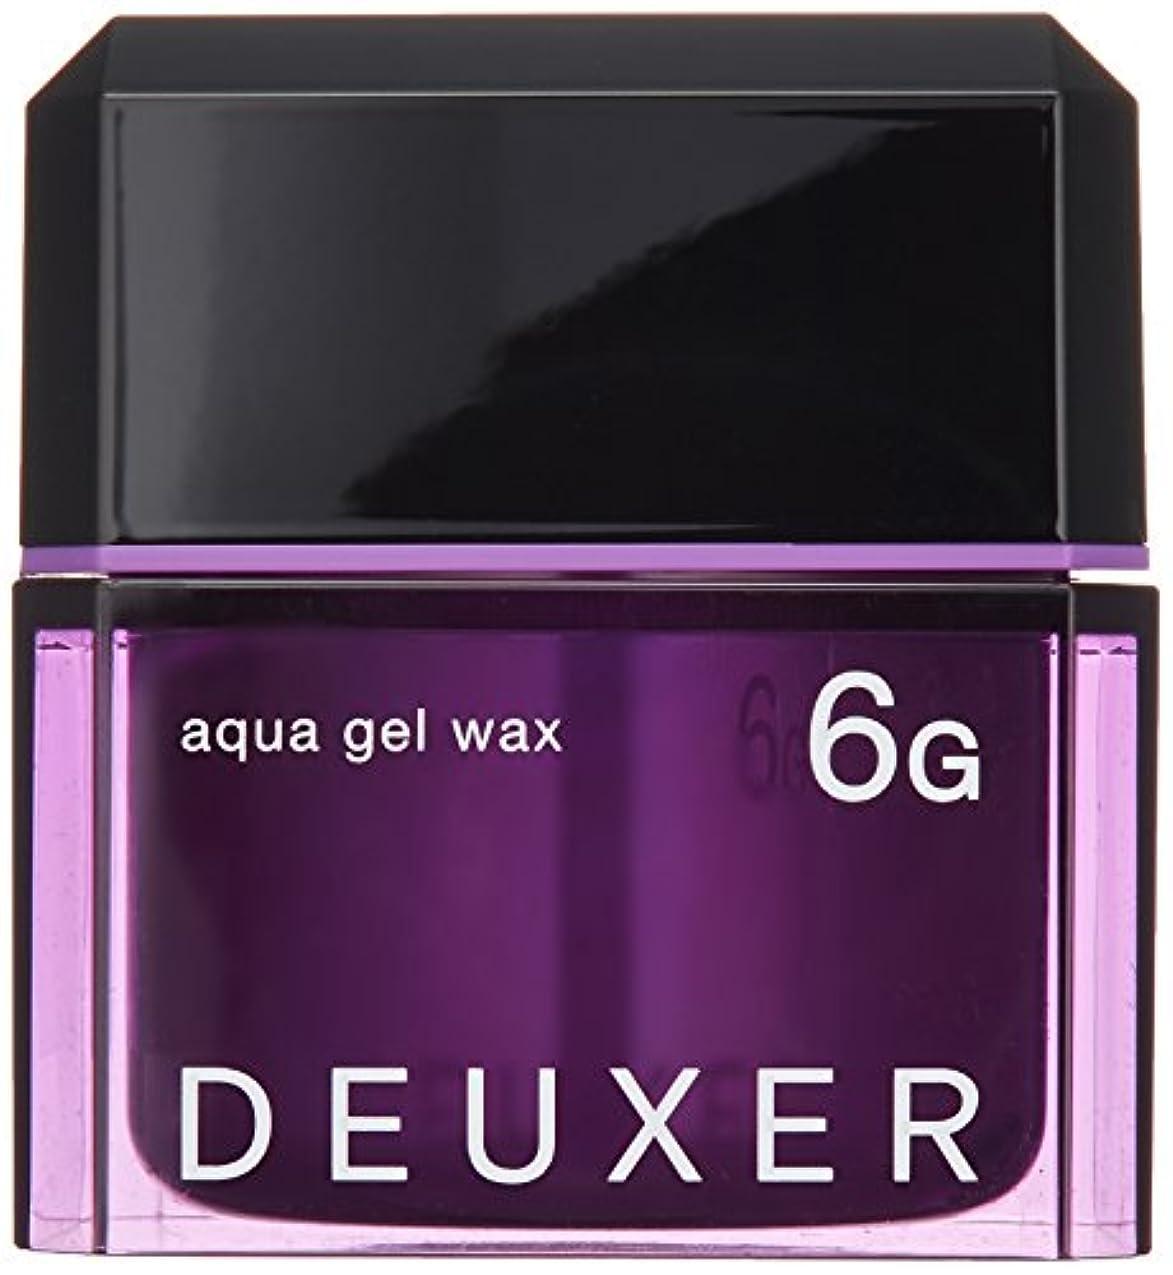 スピリチュアル配置スタイルナンバースリー DEUXER(デューサー) アクアジェルワックス 6G 80g